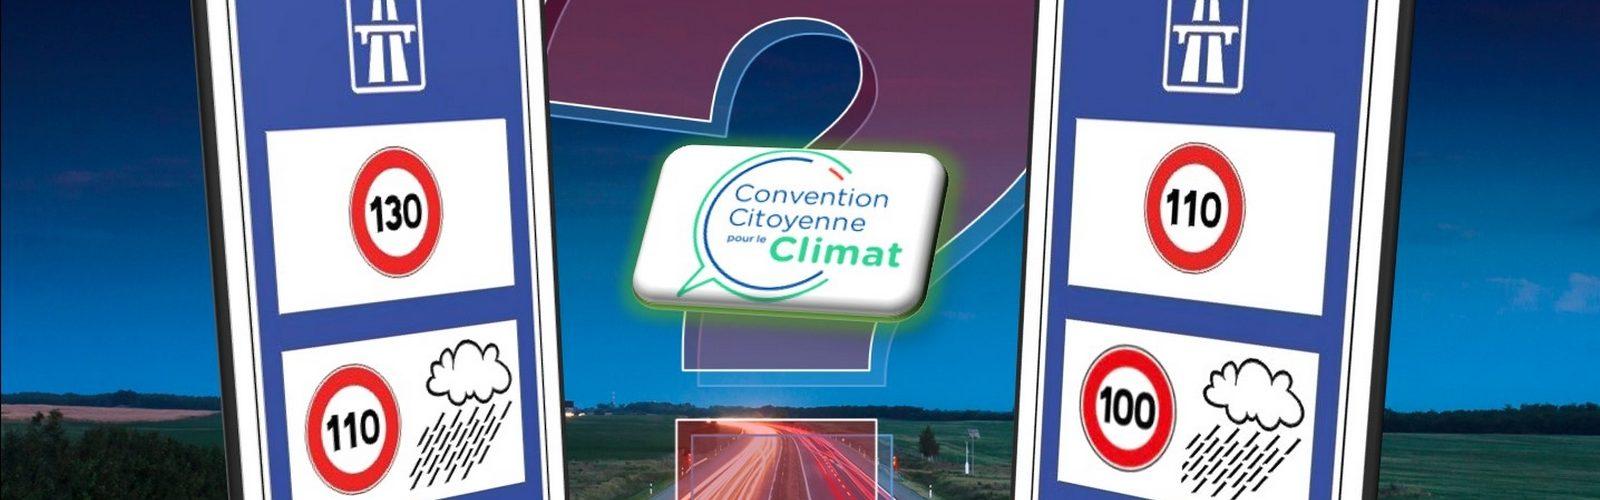 Convention_Citoyenne_Climat_Le_Nouvel_Automobiliste